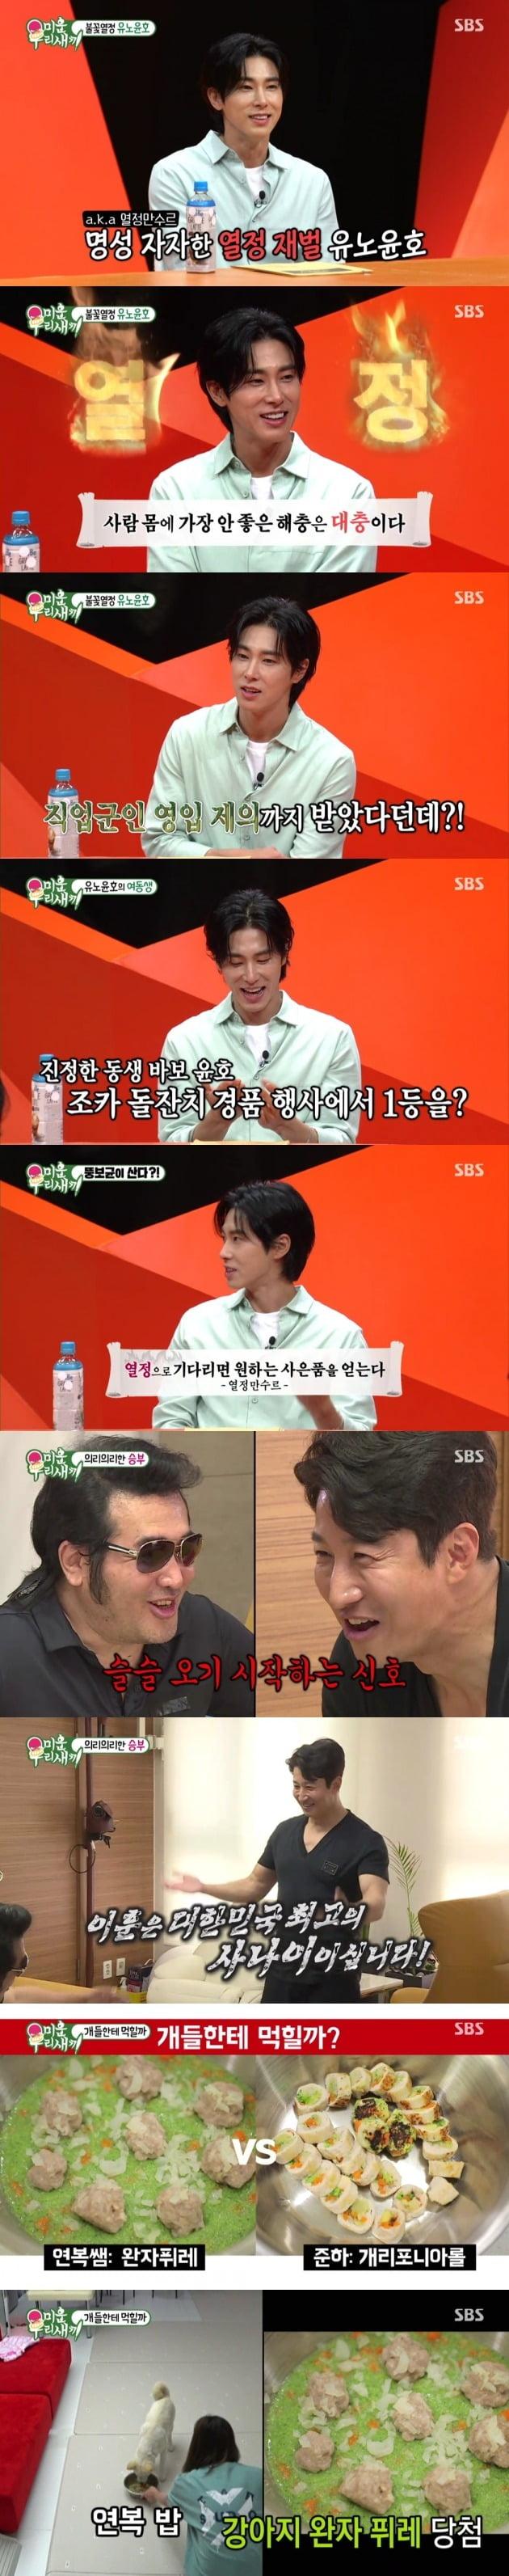 유노윤호가 '미우새' 스페셜 MC로 함께했다. / 사진제공=SBS